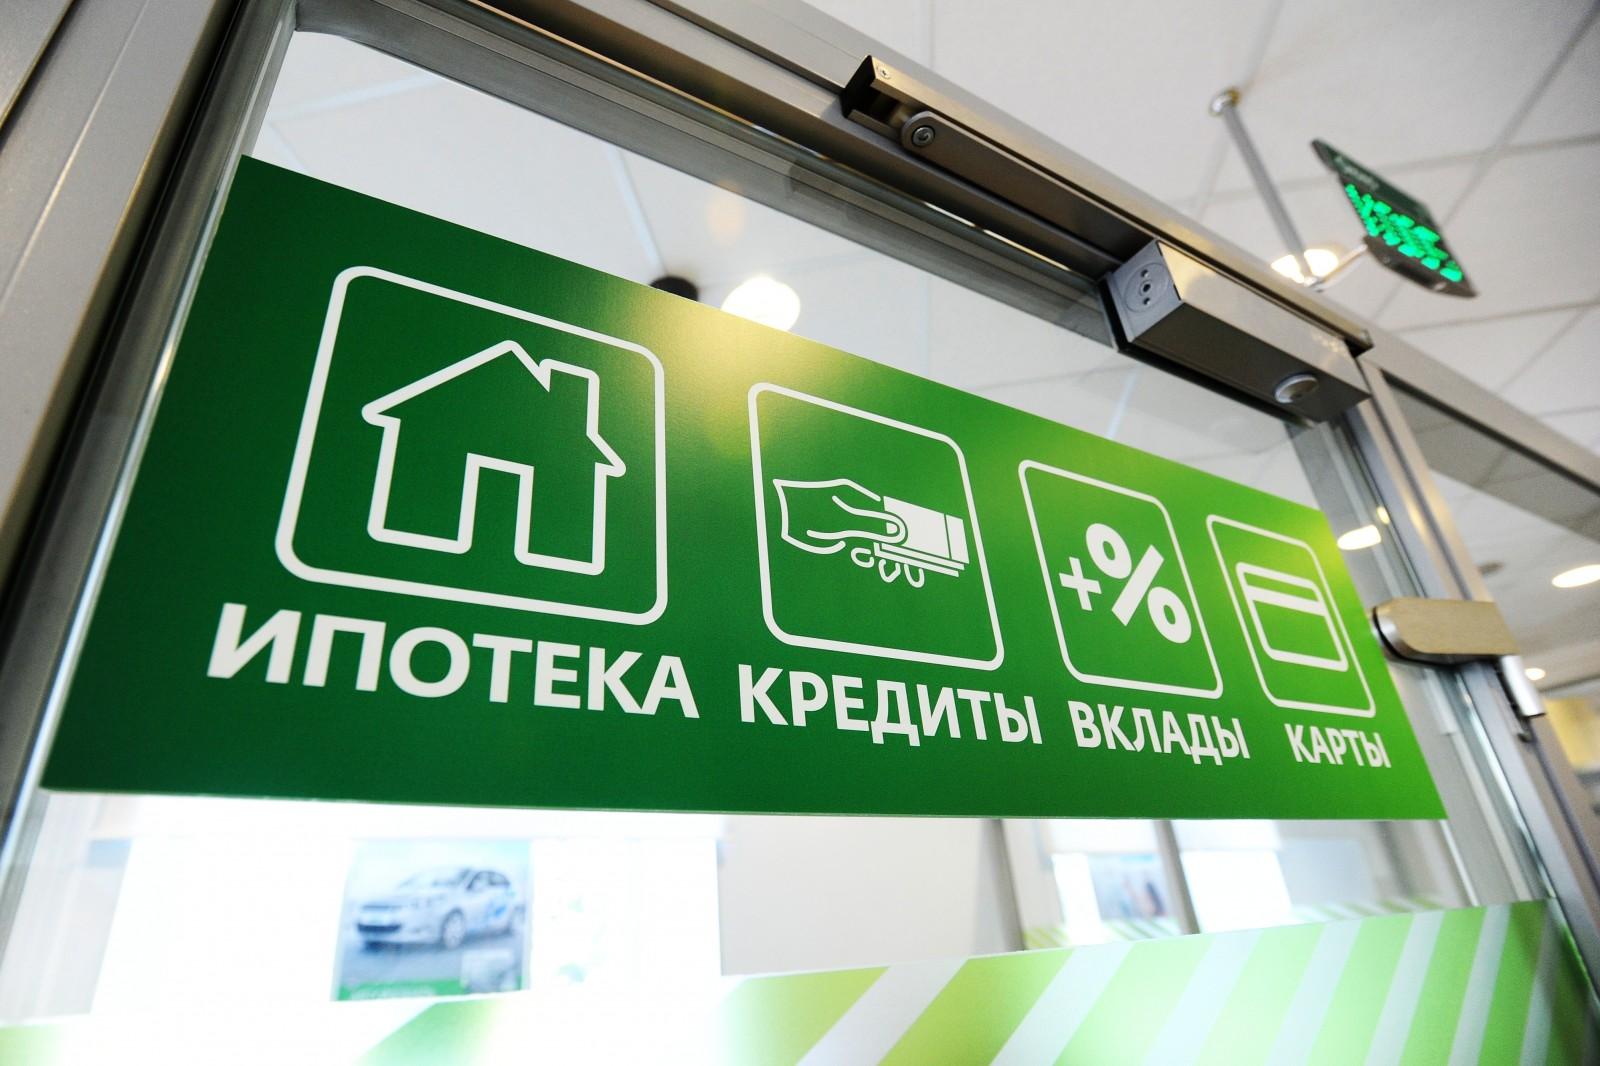 в каком банке лучше взять кредит наличными в 2020 году в волгограде